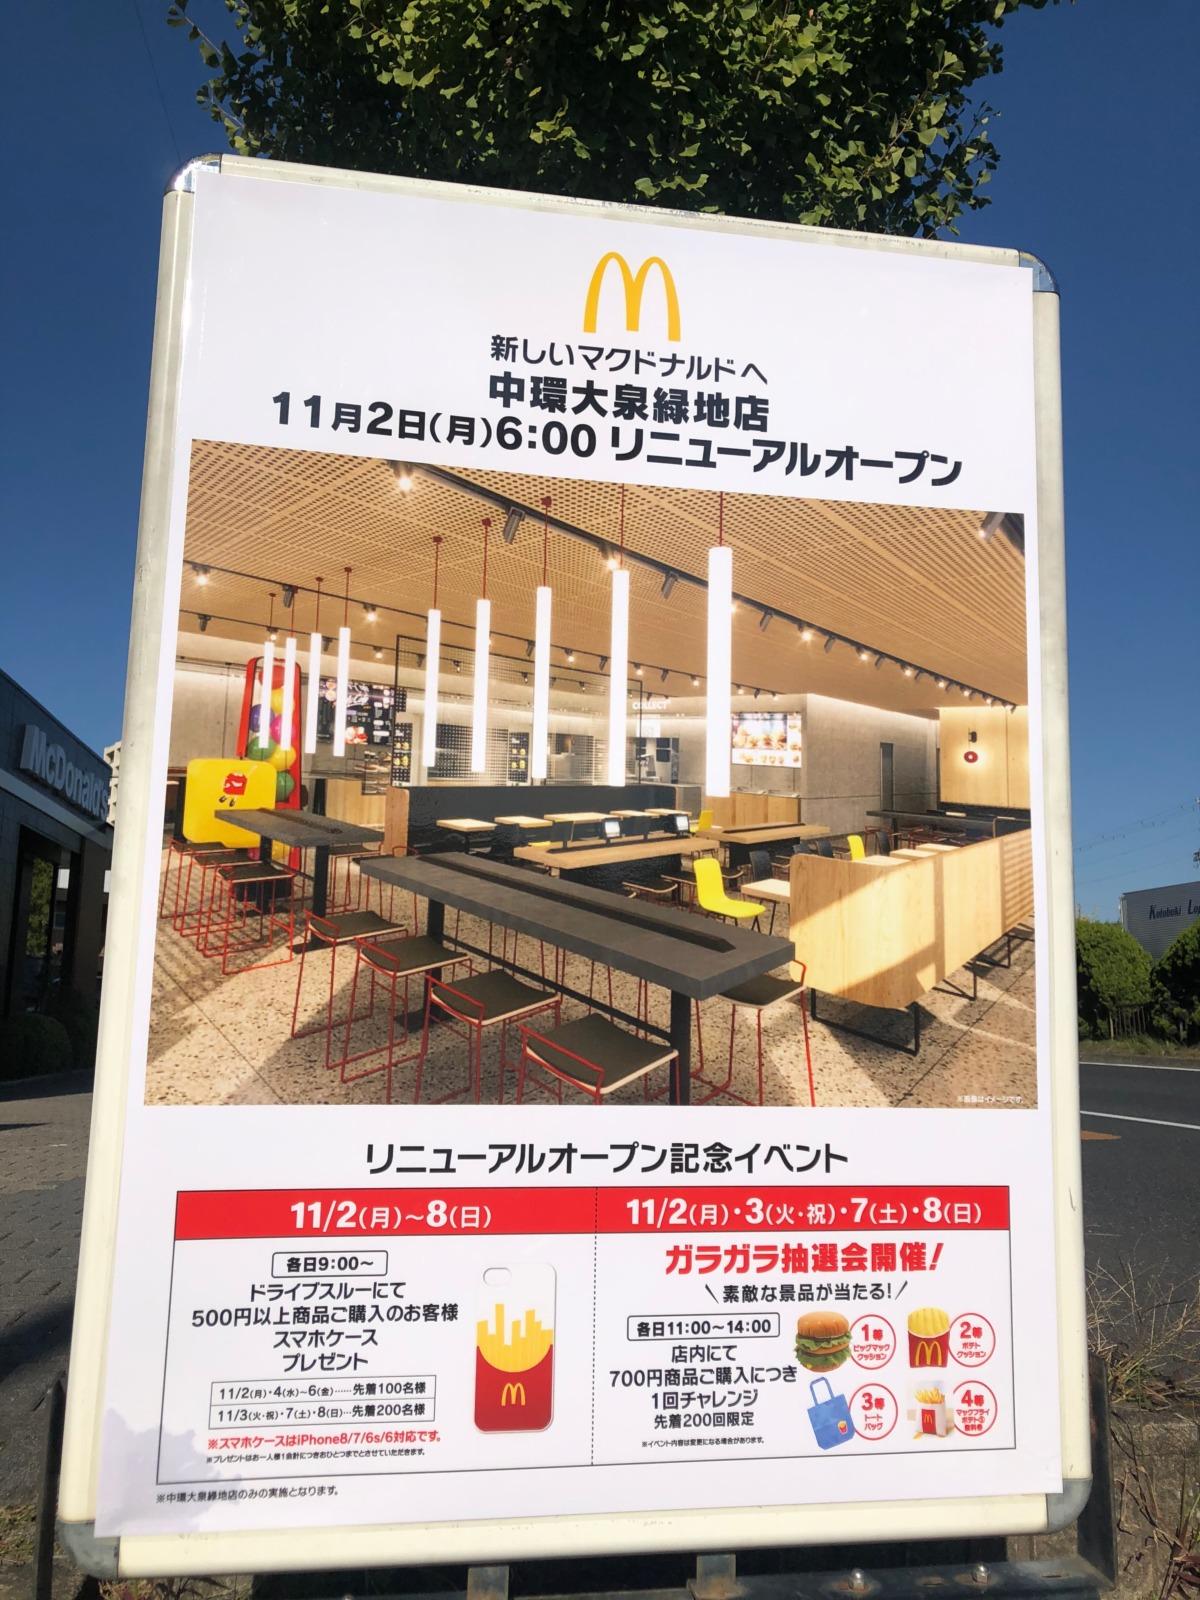 【2020.11月2日(月)リニューアル☆】堺市北区・大泉緑地の向かいの『マクドナルド 中環大泉緑地店』がリニューアルオープン!!ドライブスルーがお得みたい: